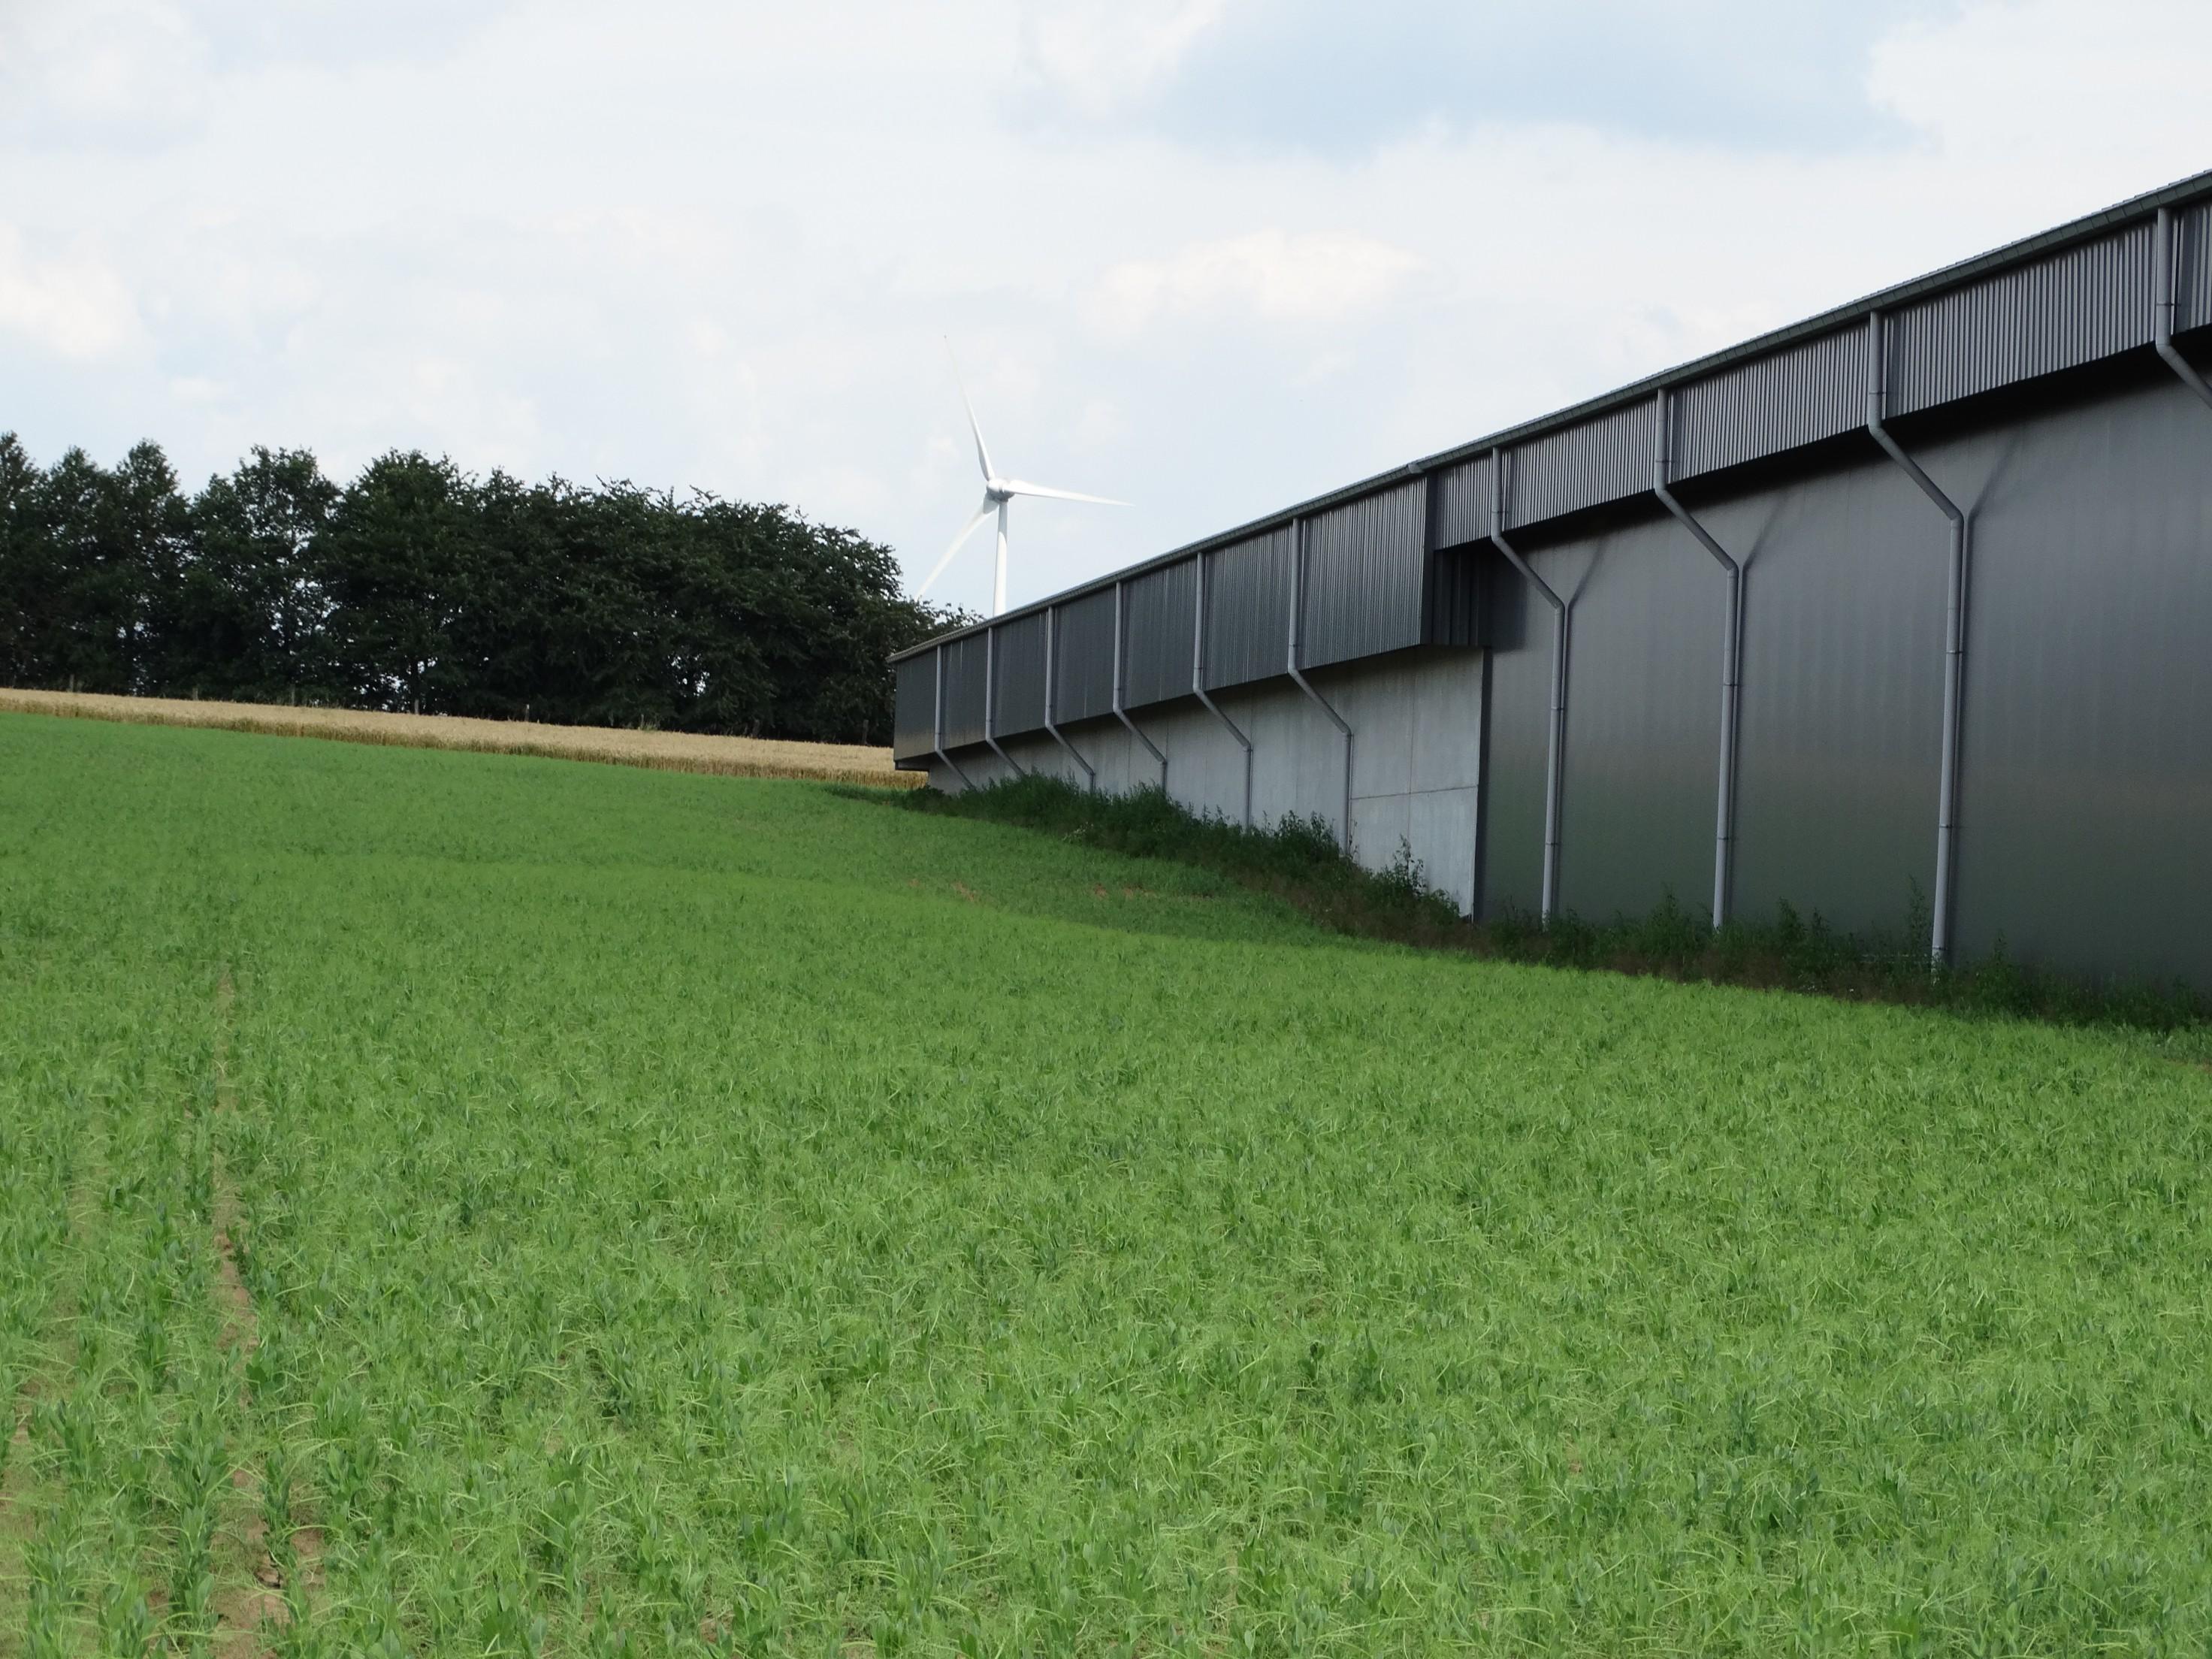 lefevre-Rosseignies-aardappelloods_hangar stockage pommes de terre (31).JPG